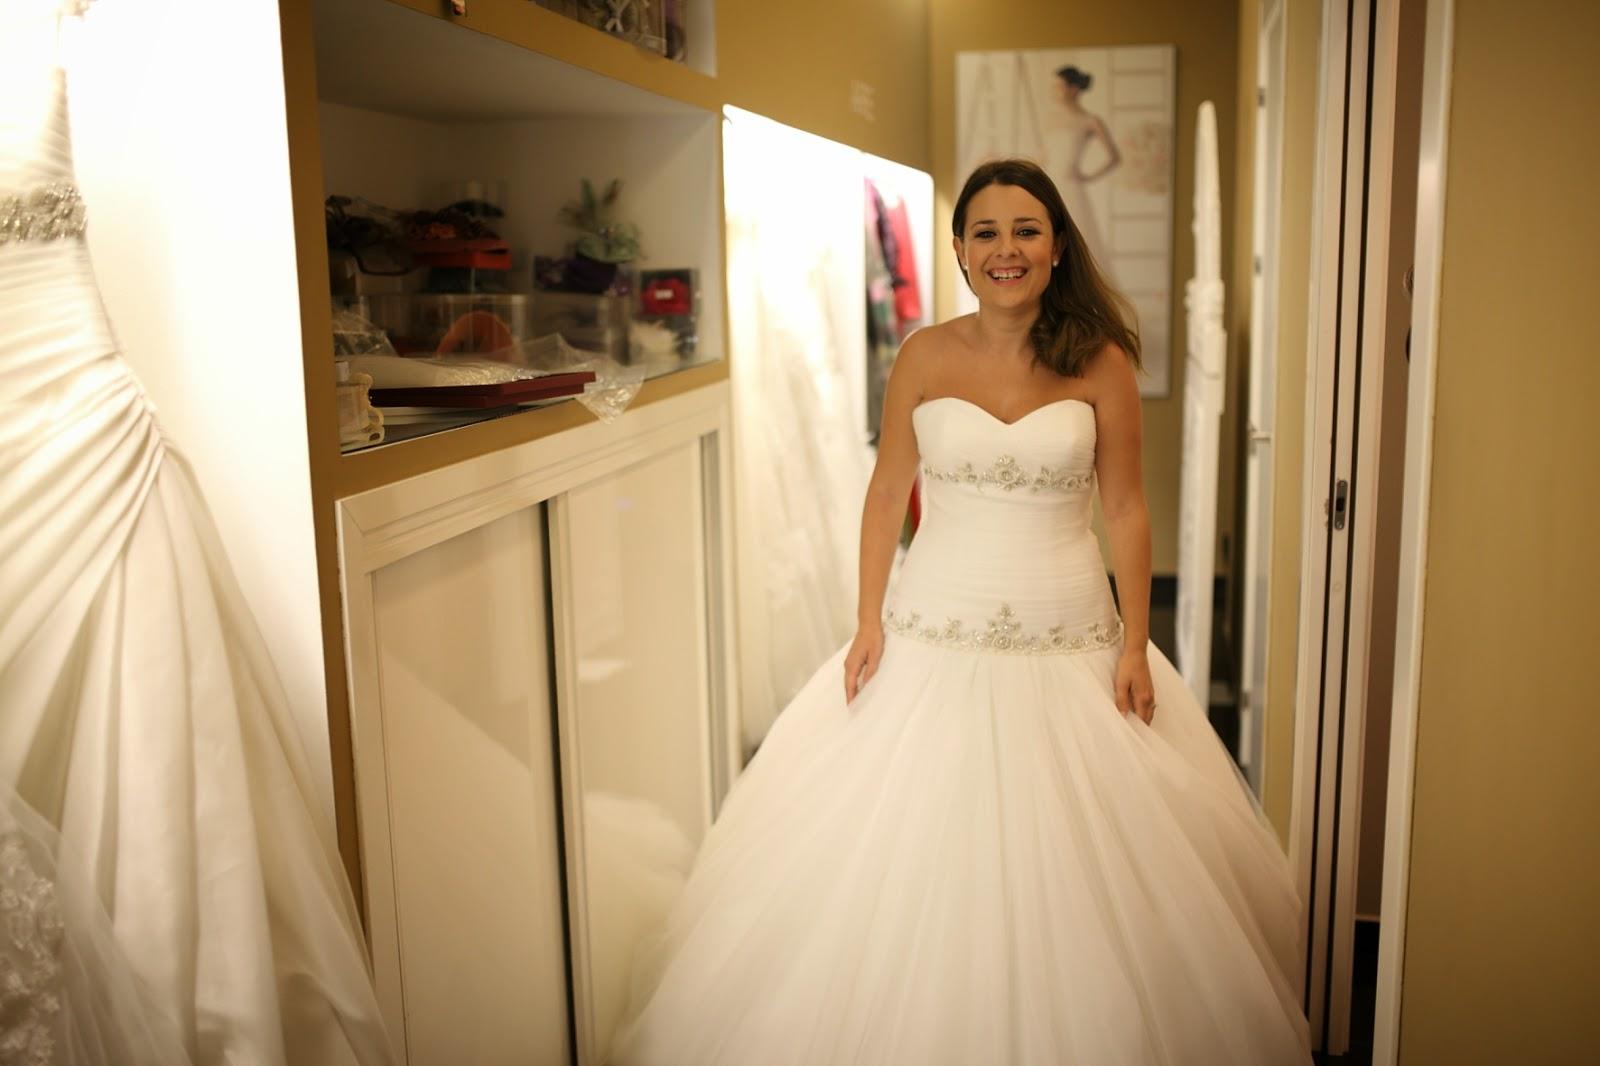 Ya no me gusta mi vestido de novia